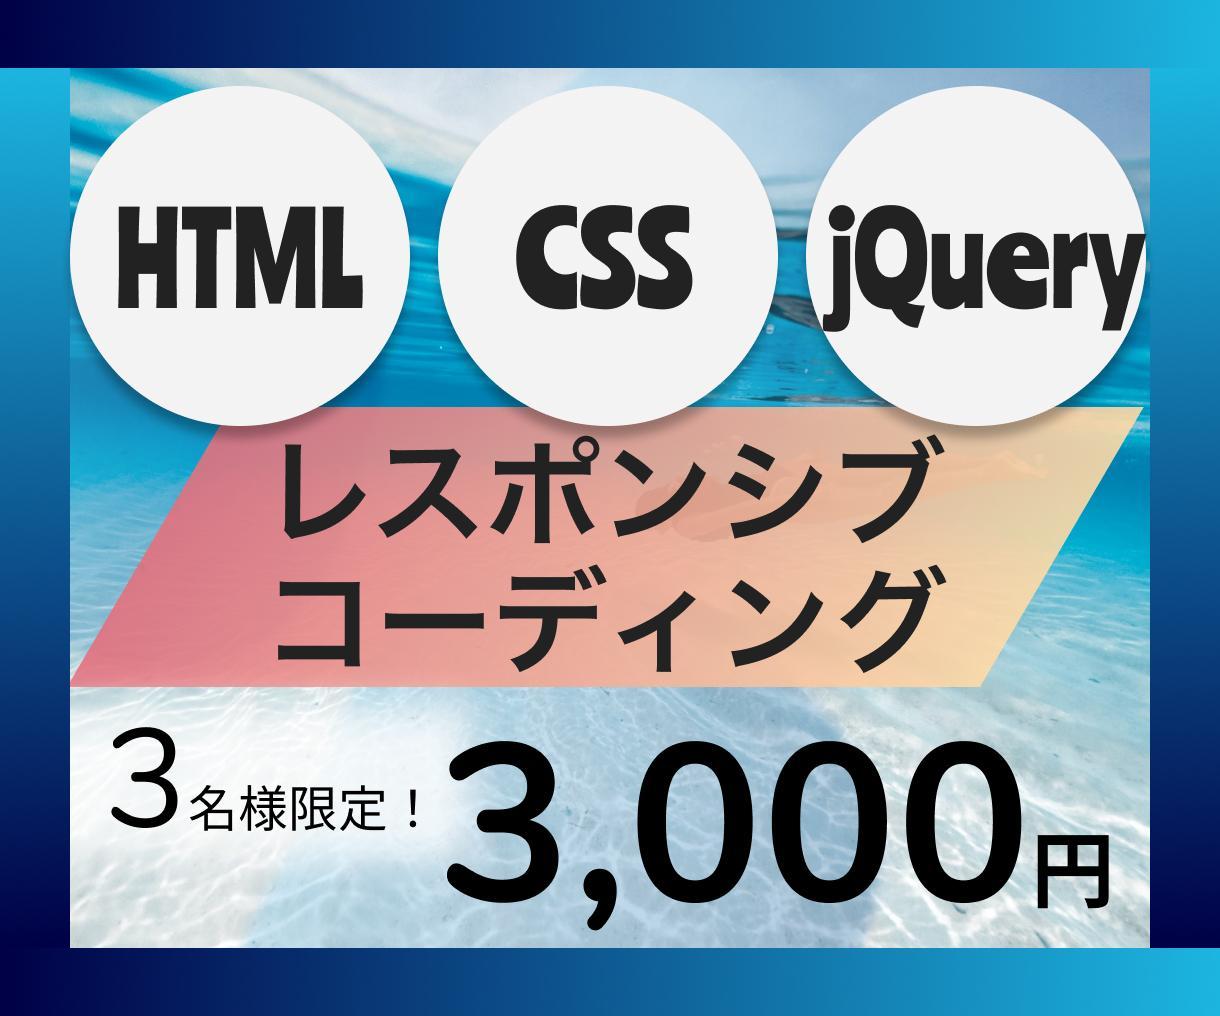 格安1ページ3000円でコーディングいたします jQuery、レスポンシブ込みのキャンペーン価格受付中! イメージ1